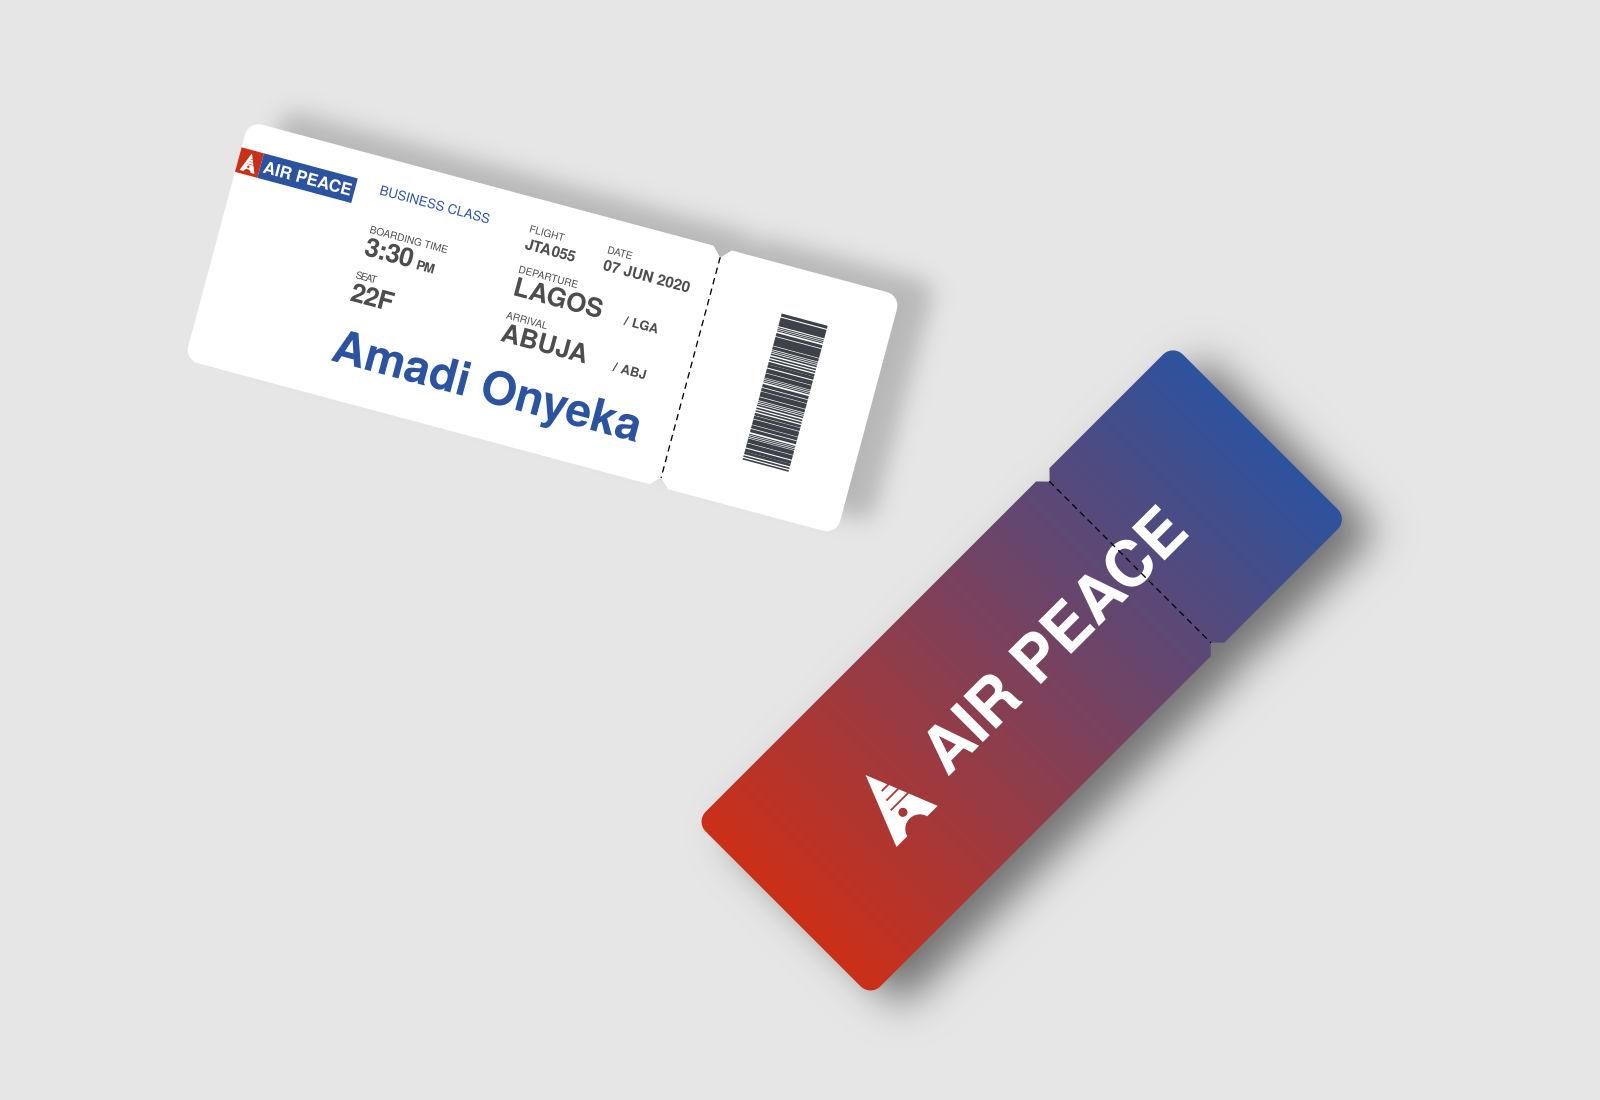 Air_peace_boarding_pass2